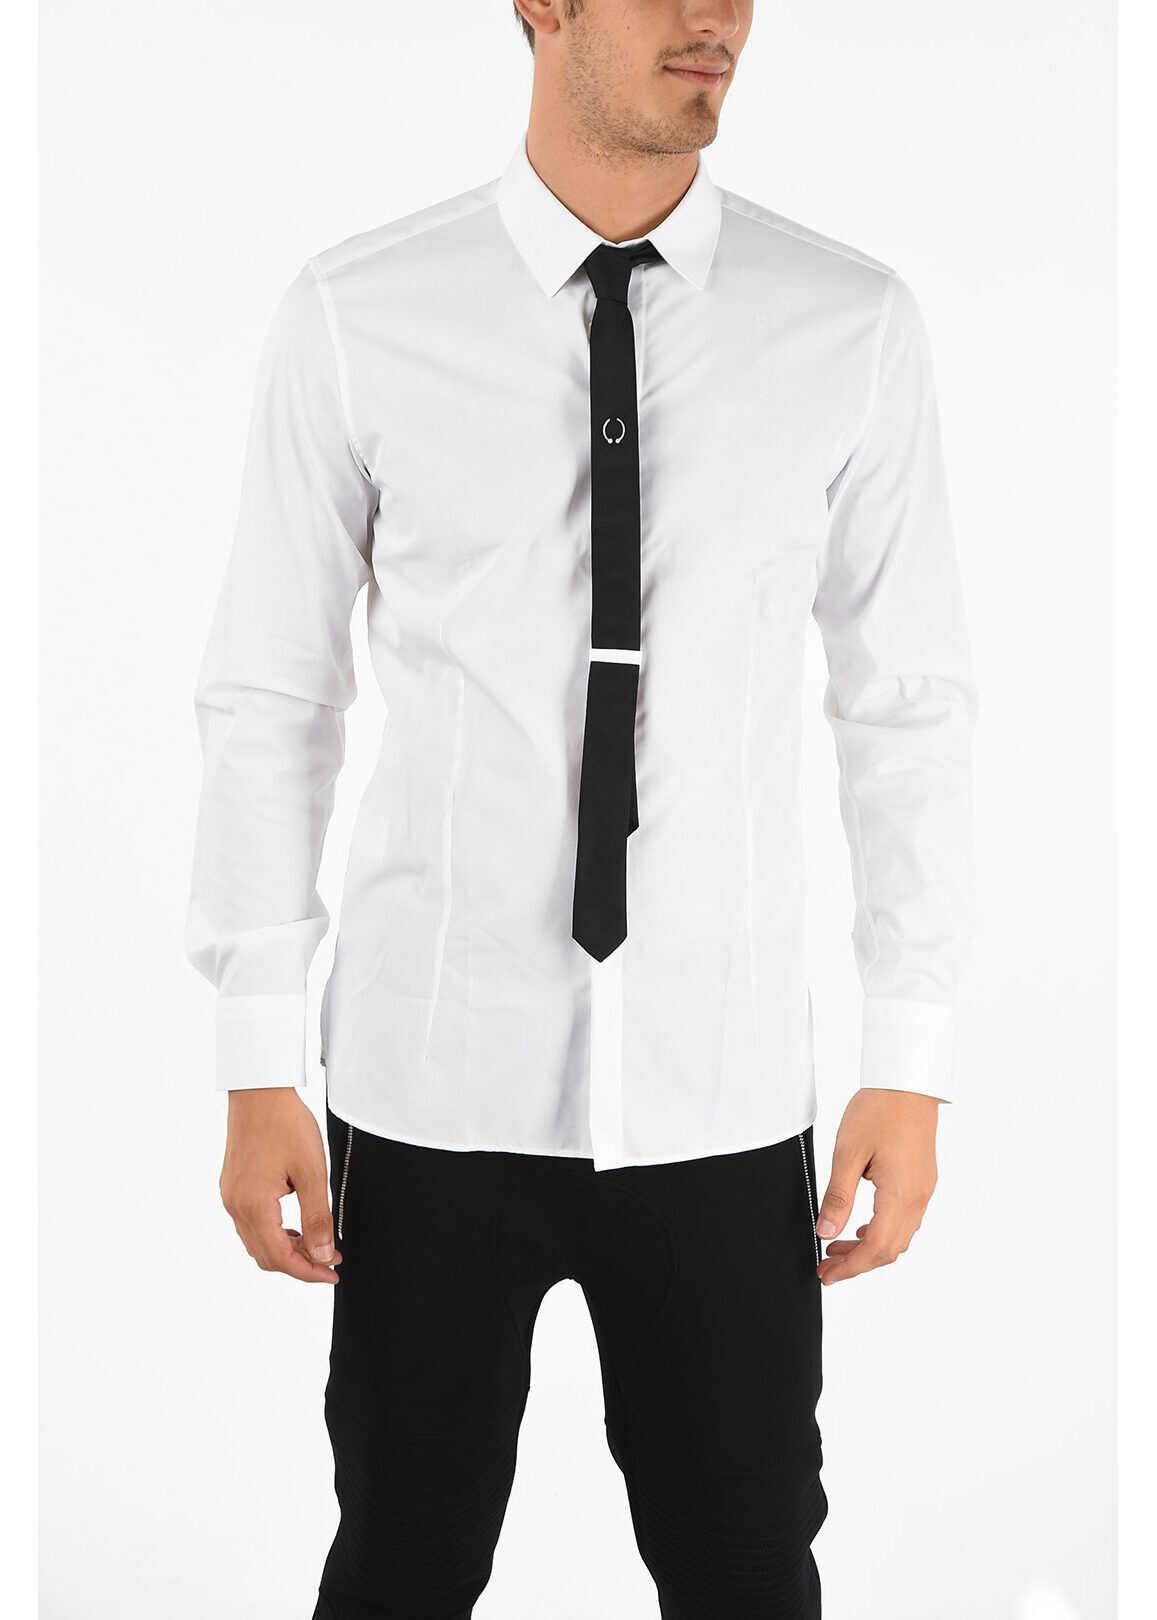 Neil Barrett Shirt with Tie WHITE imagine